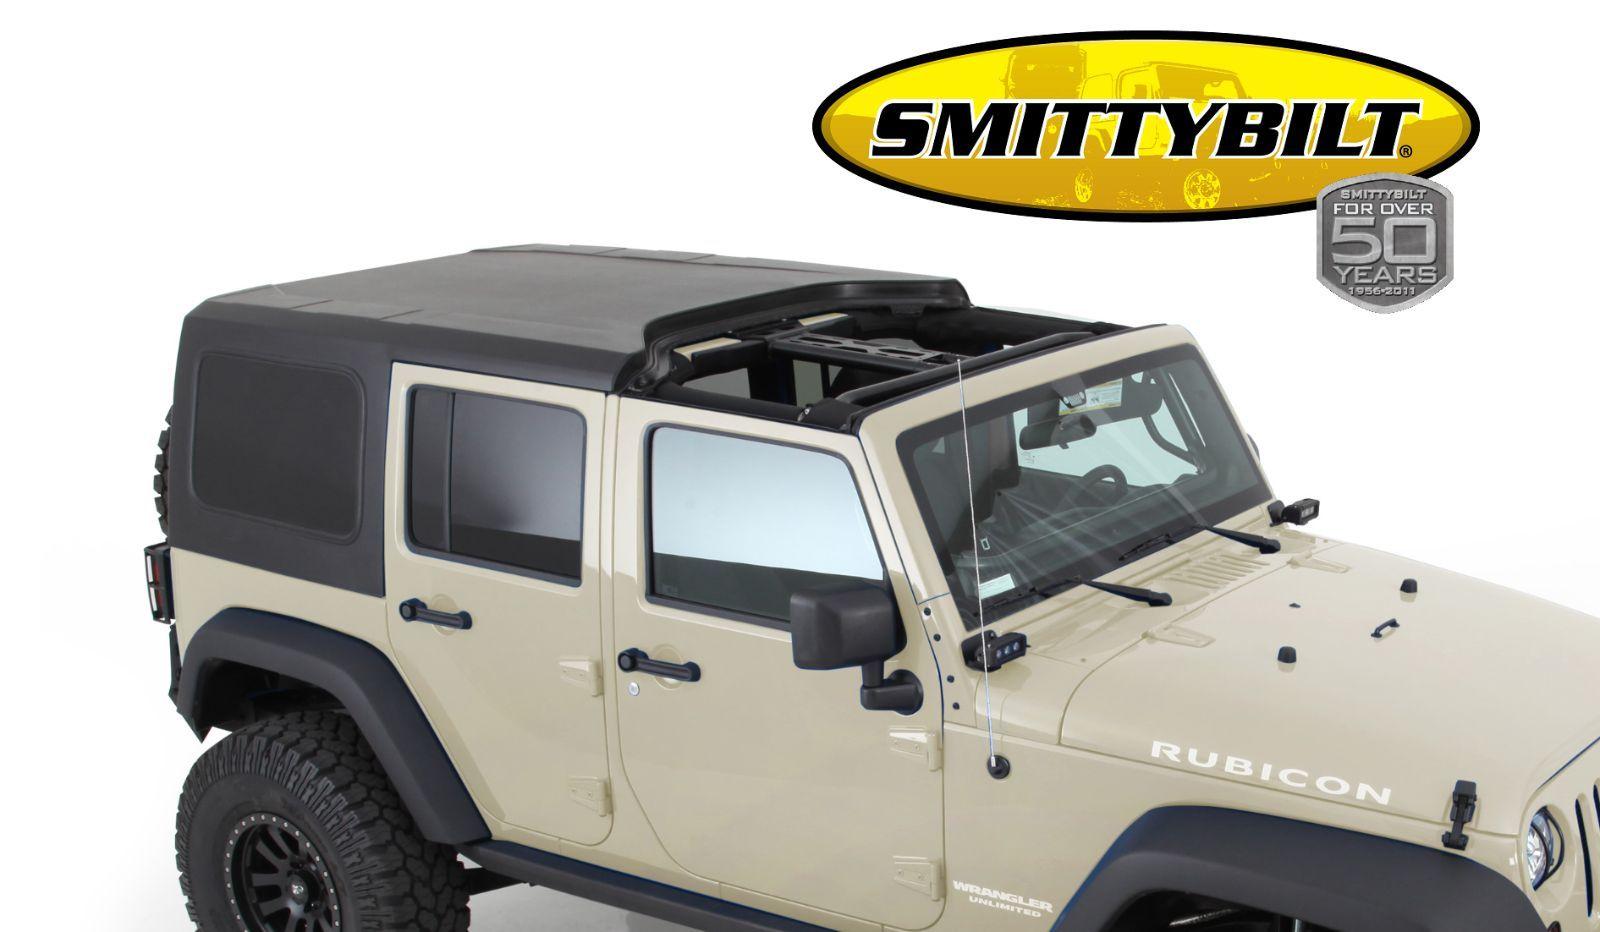 2007年~2015年 ラングラーJK用 Smittybiltハードトップ4ドア用[アメリカ直輸入][送料無料][アメ車][逆輸入車][デイブレイク]